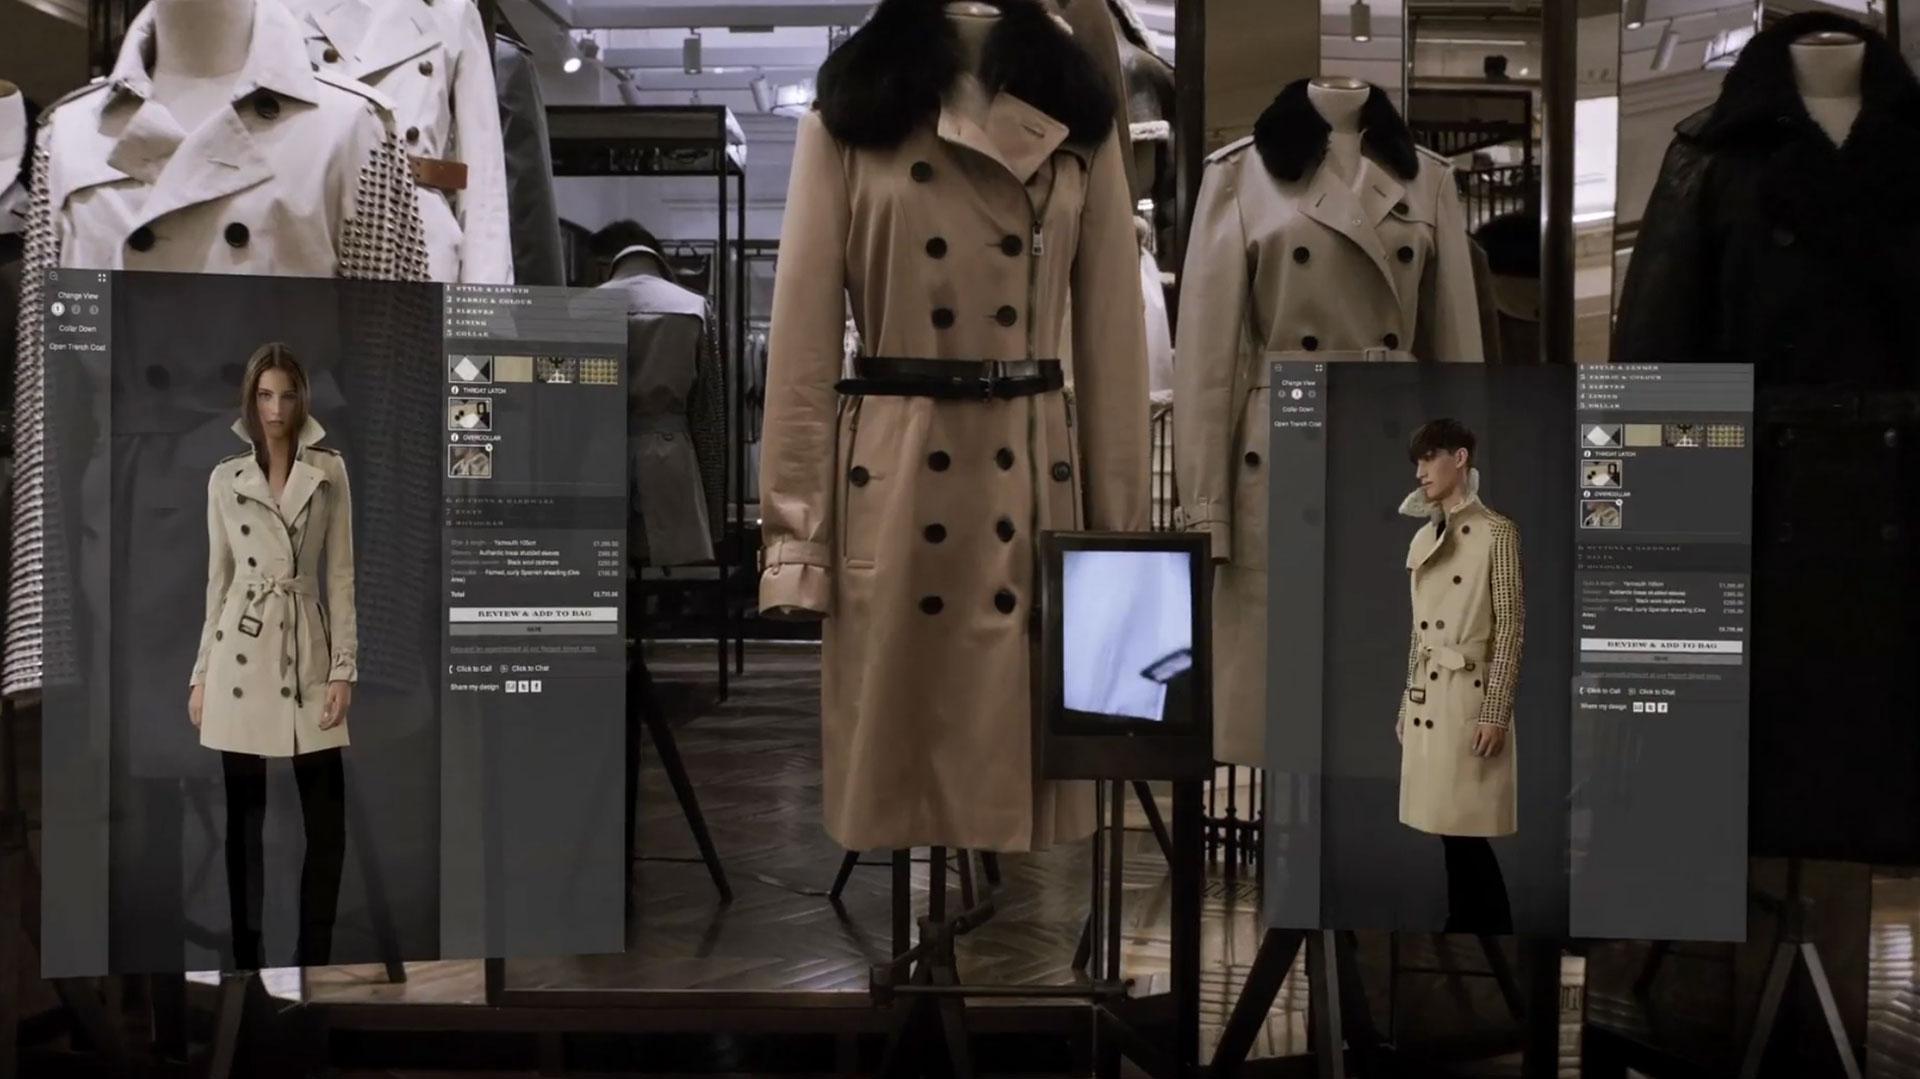 ¿Cómo afecta el marketing digital en la moda?